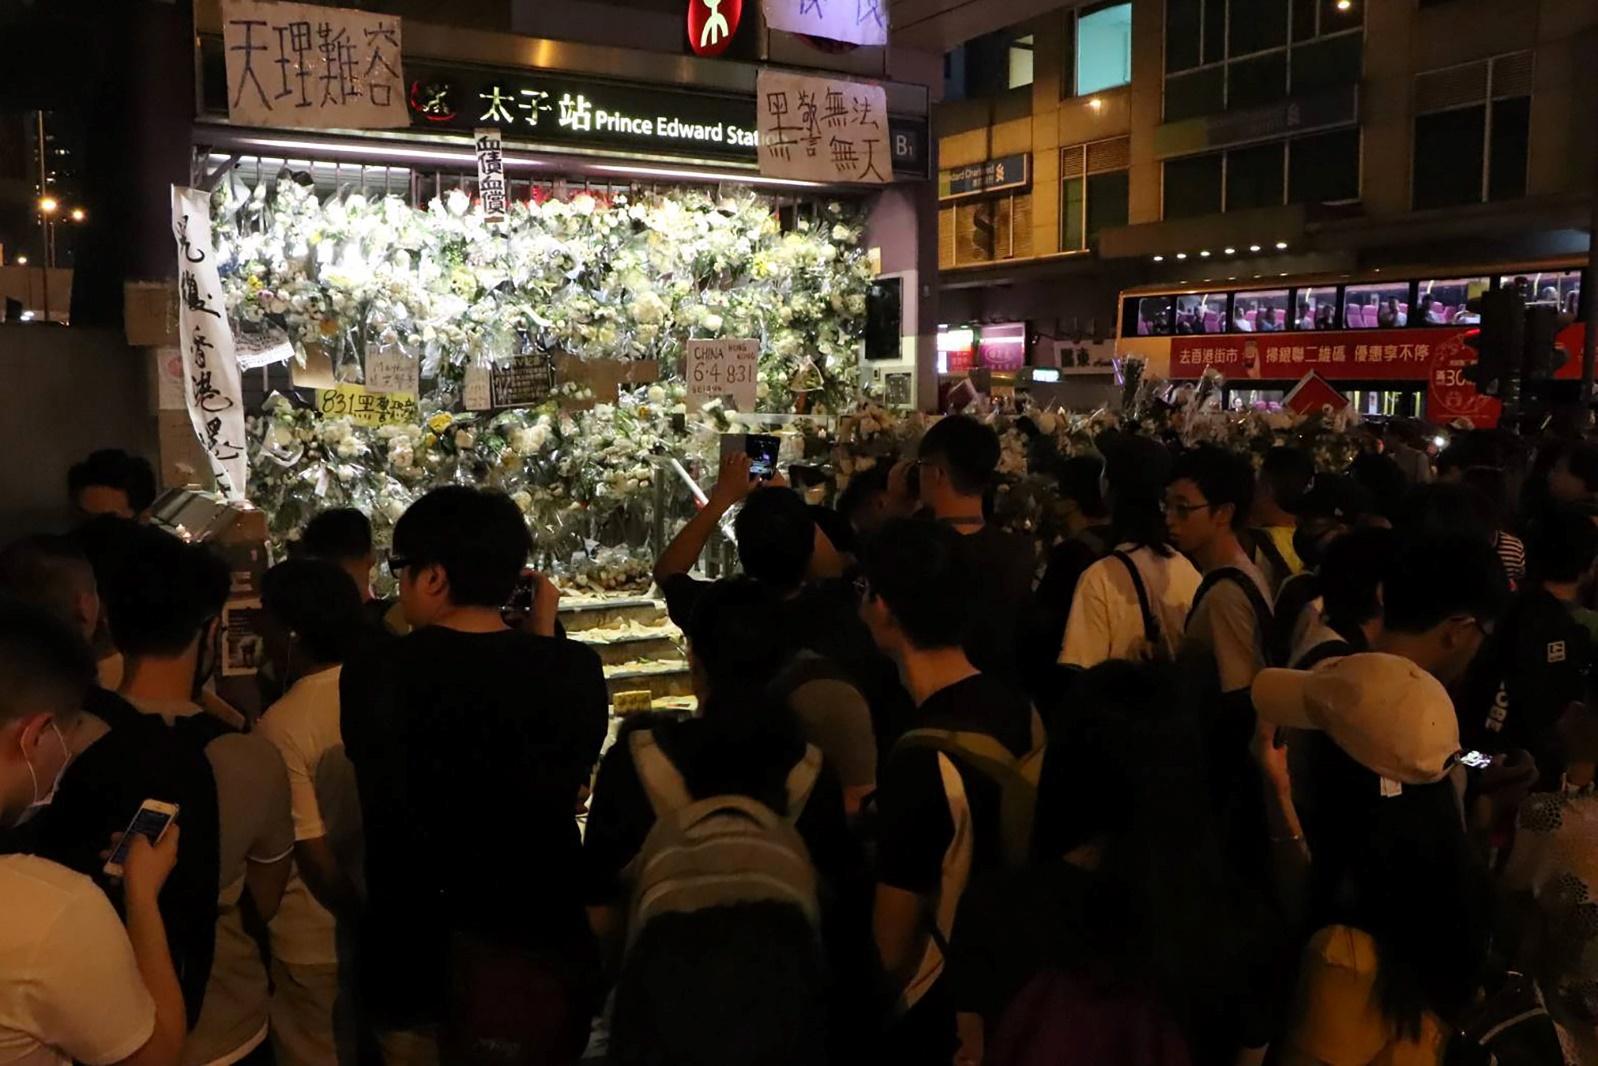 香港反送中示威者7日晚間再次聚集旺角警署周邊,抗議8月31日港鐵太子站的車廂無差別襲擊市民事件。圖為儘管港府證實31日無致死個案,但示威者仍送上鮮花「悼念死者」。(中央社)